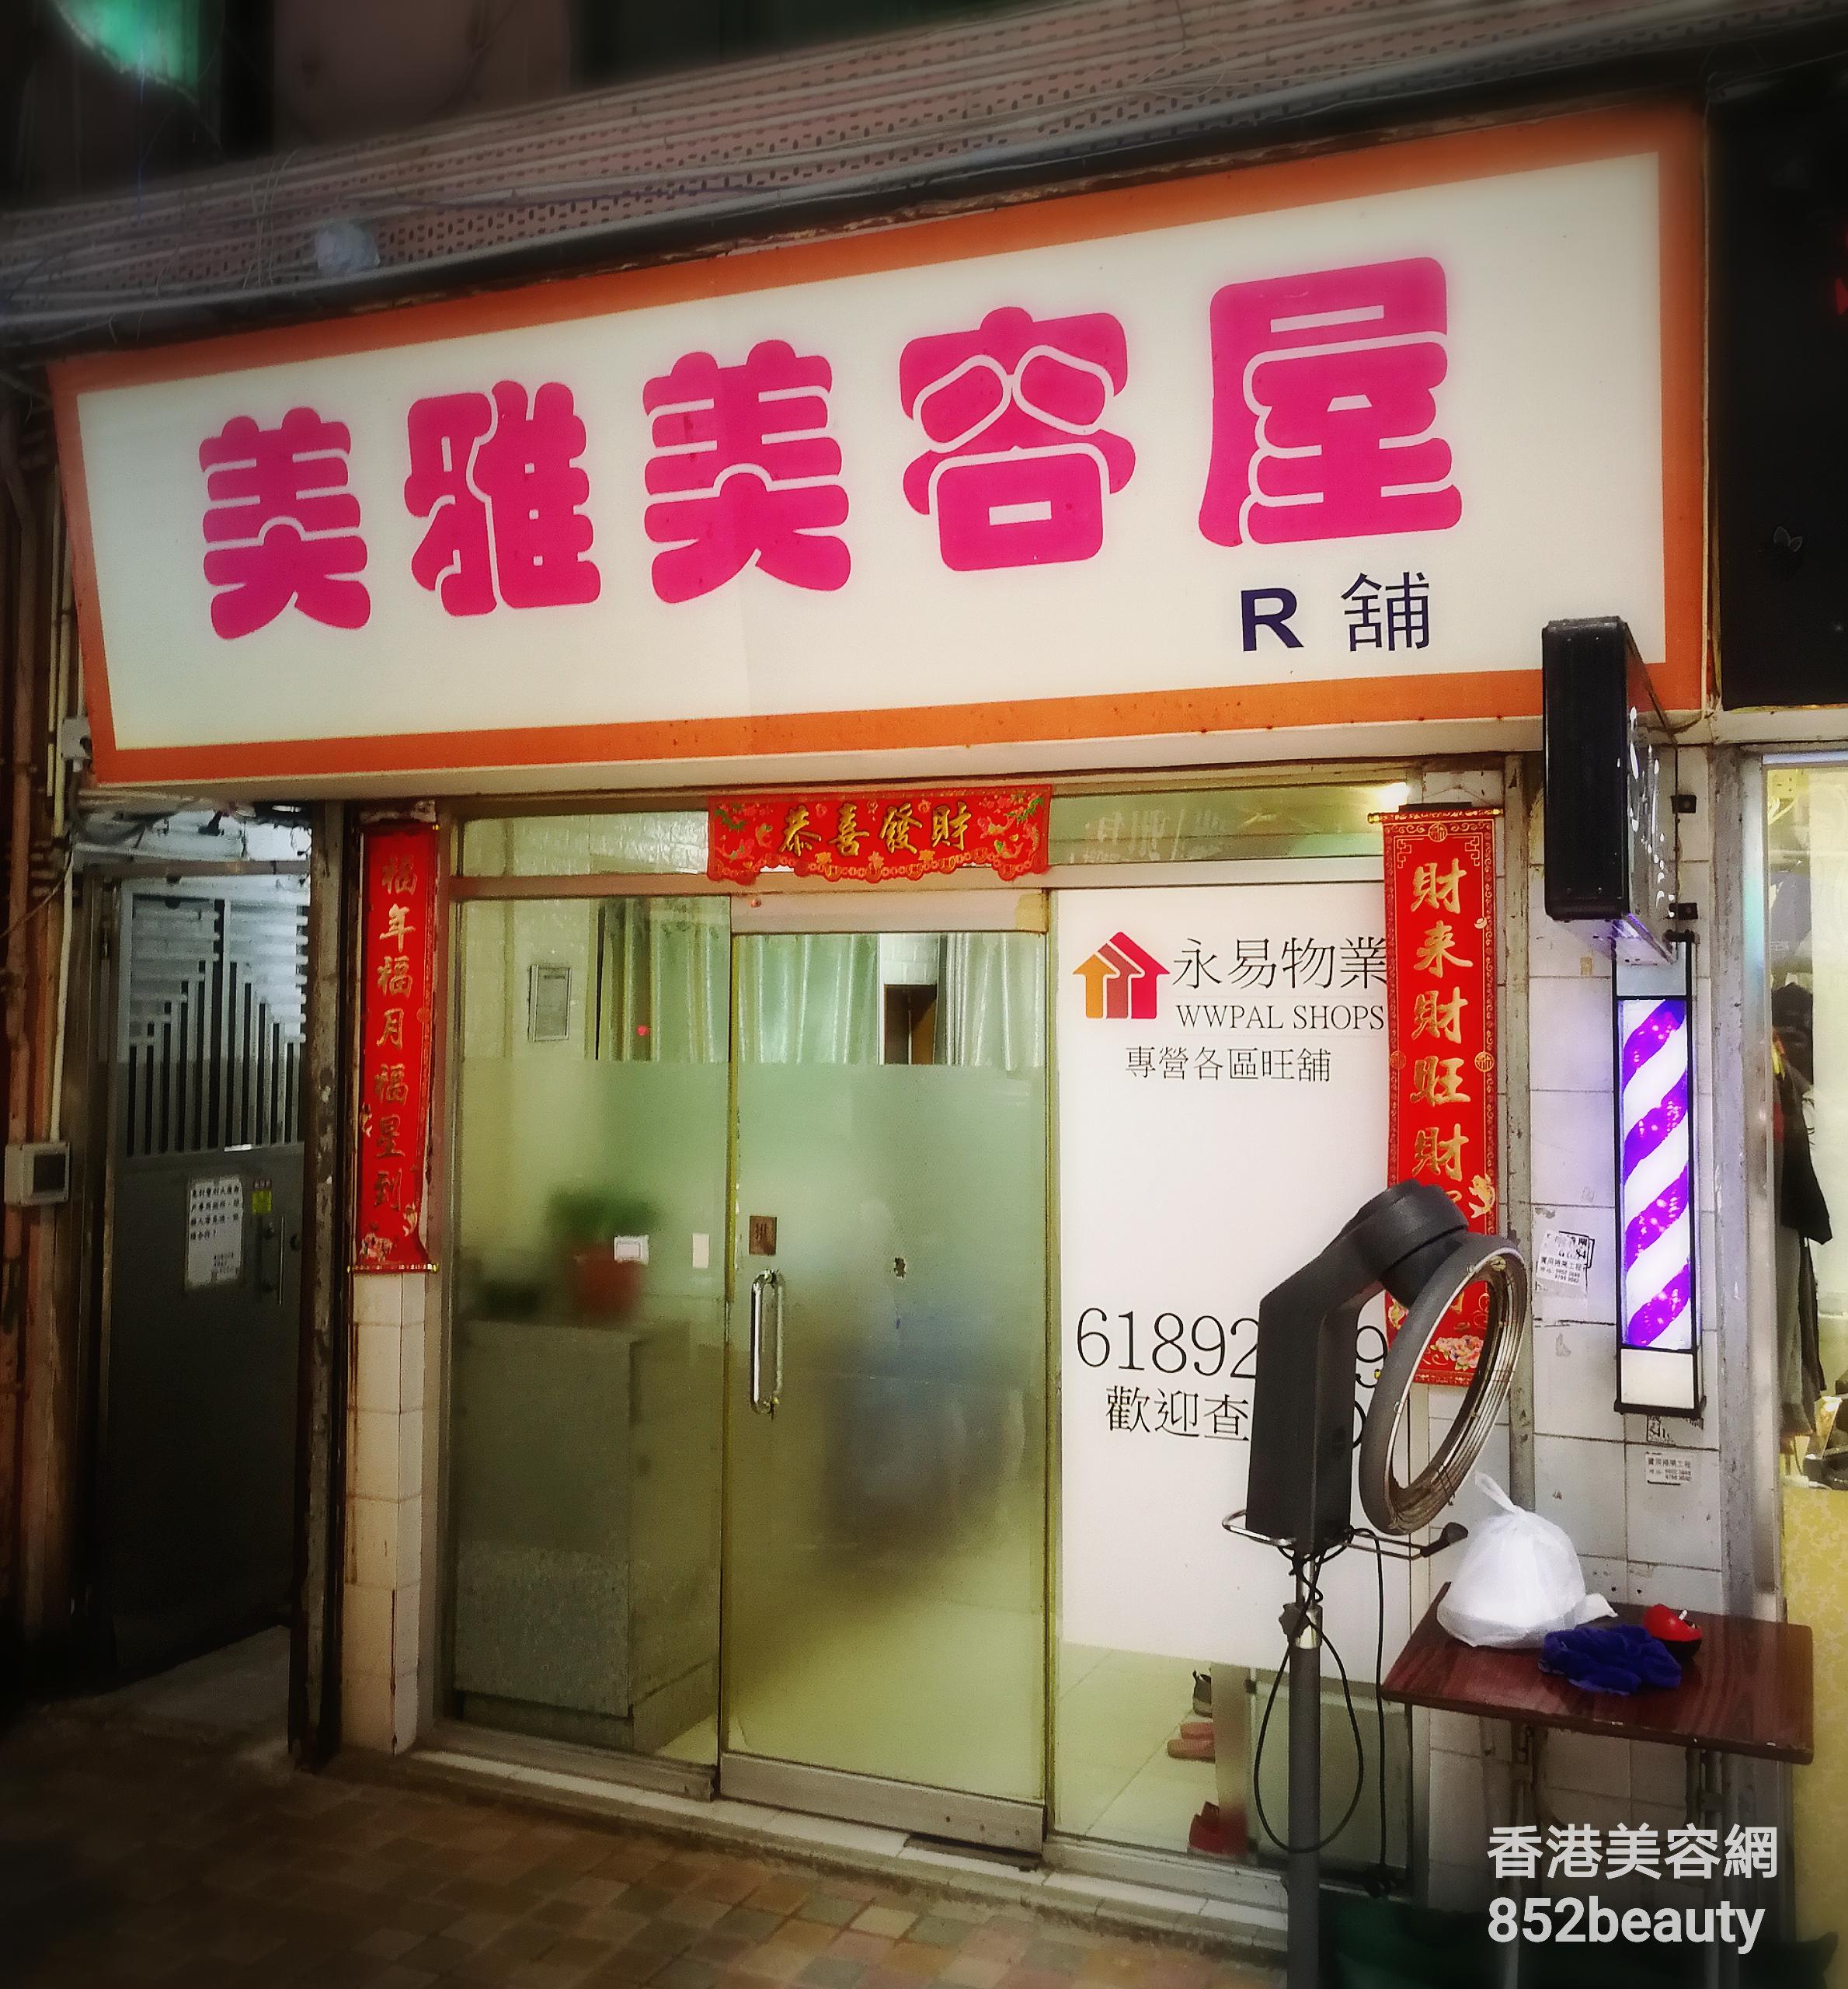 香港美容院 美容師 : 美雅美容屋 @青年創業軍